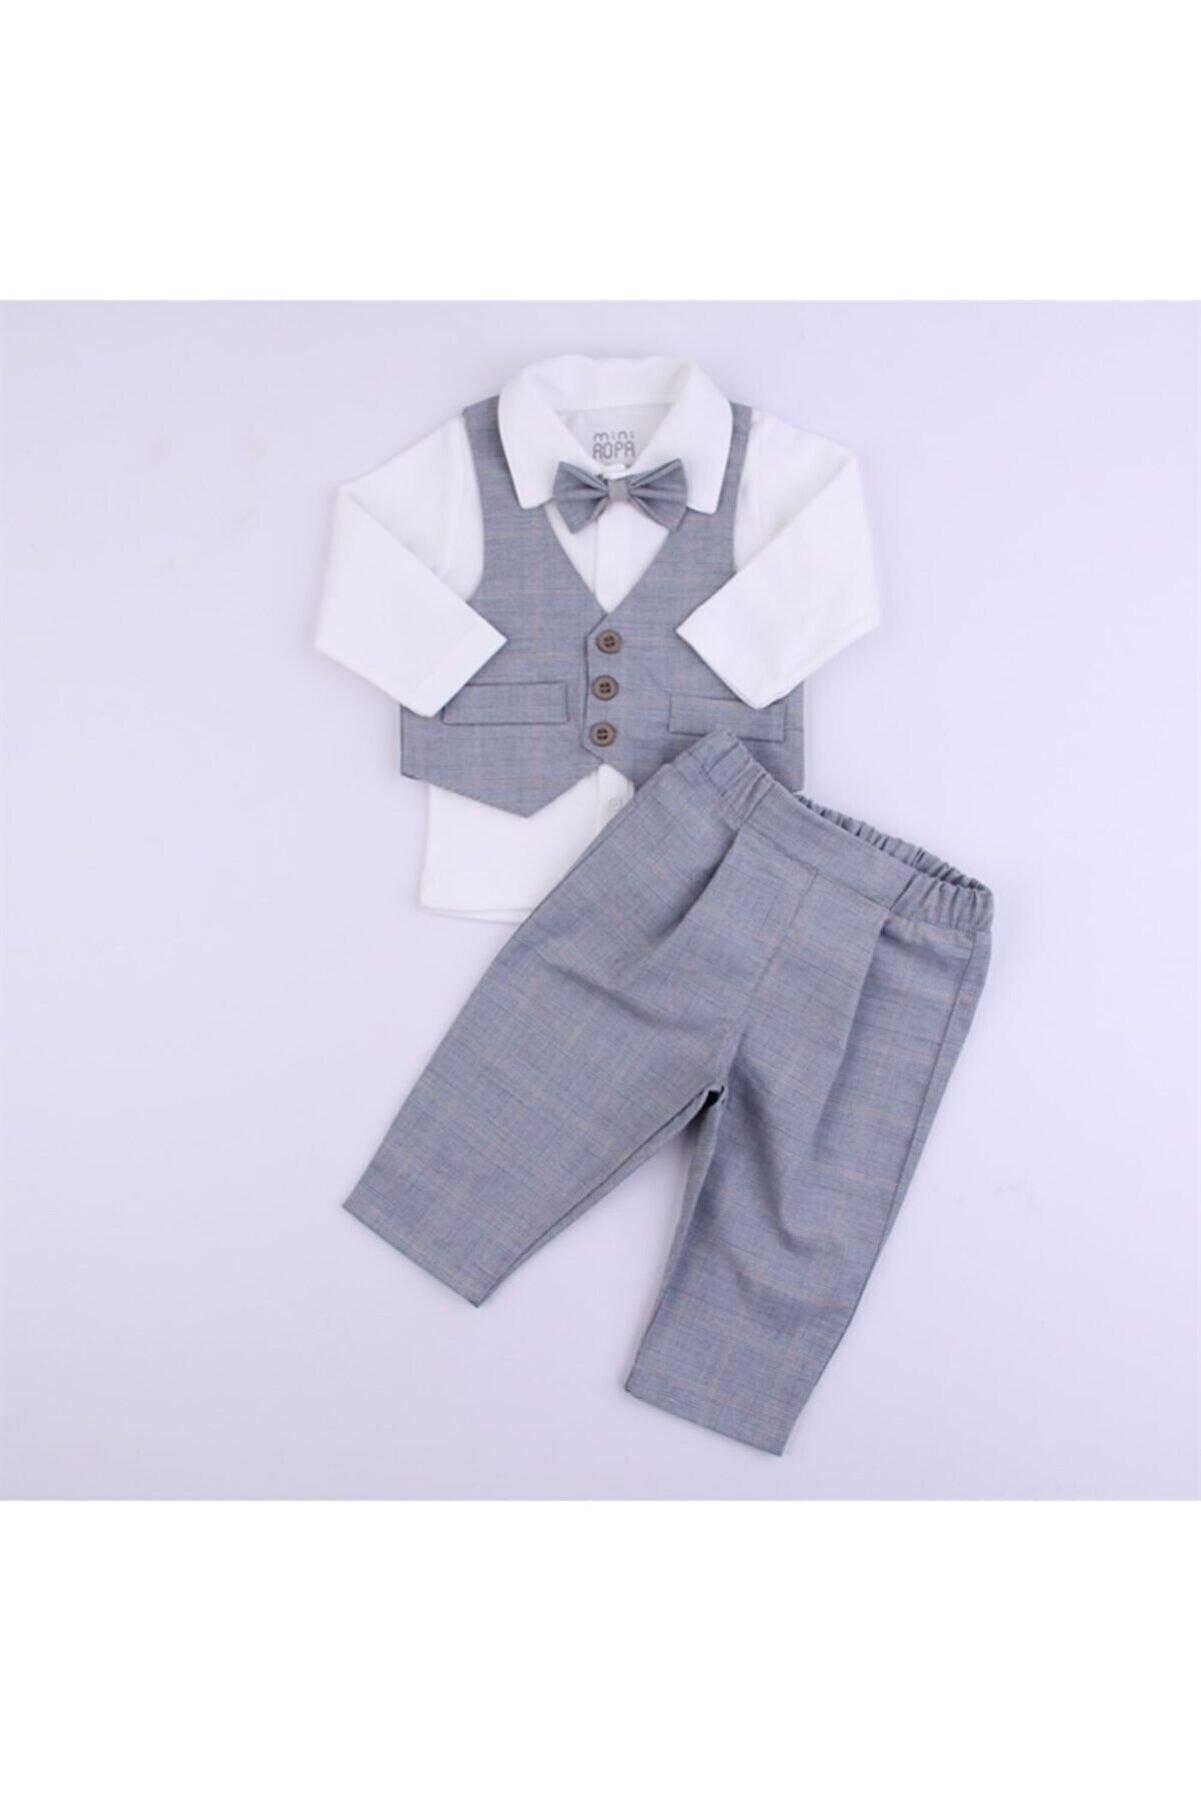 Mini Ropa Yelekli Papylunlu 3'lü Erkek Bebek Takımı -kareli Gri - Özel Gün - Bebek Hediyesi -